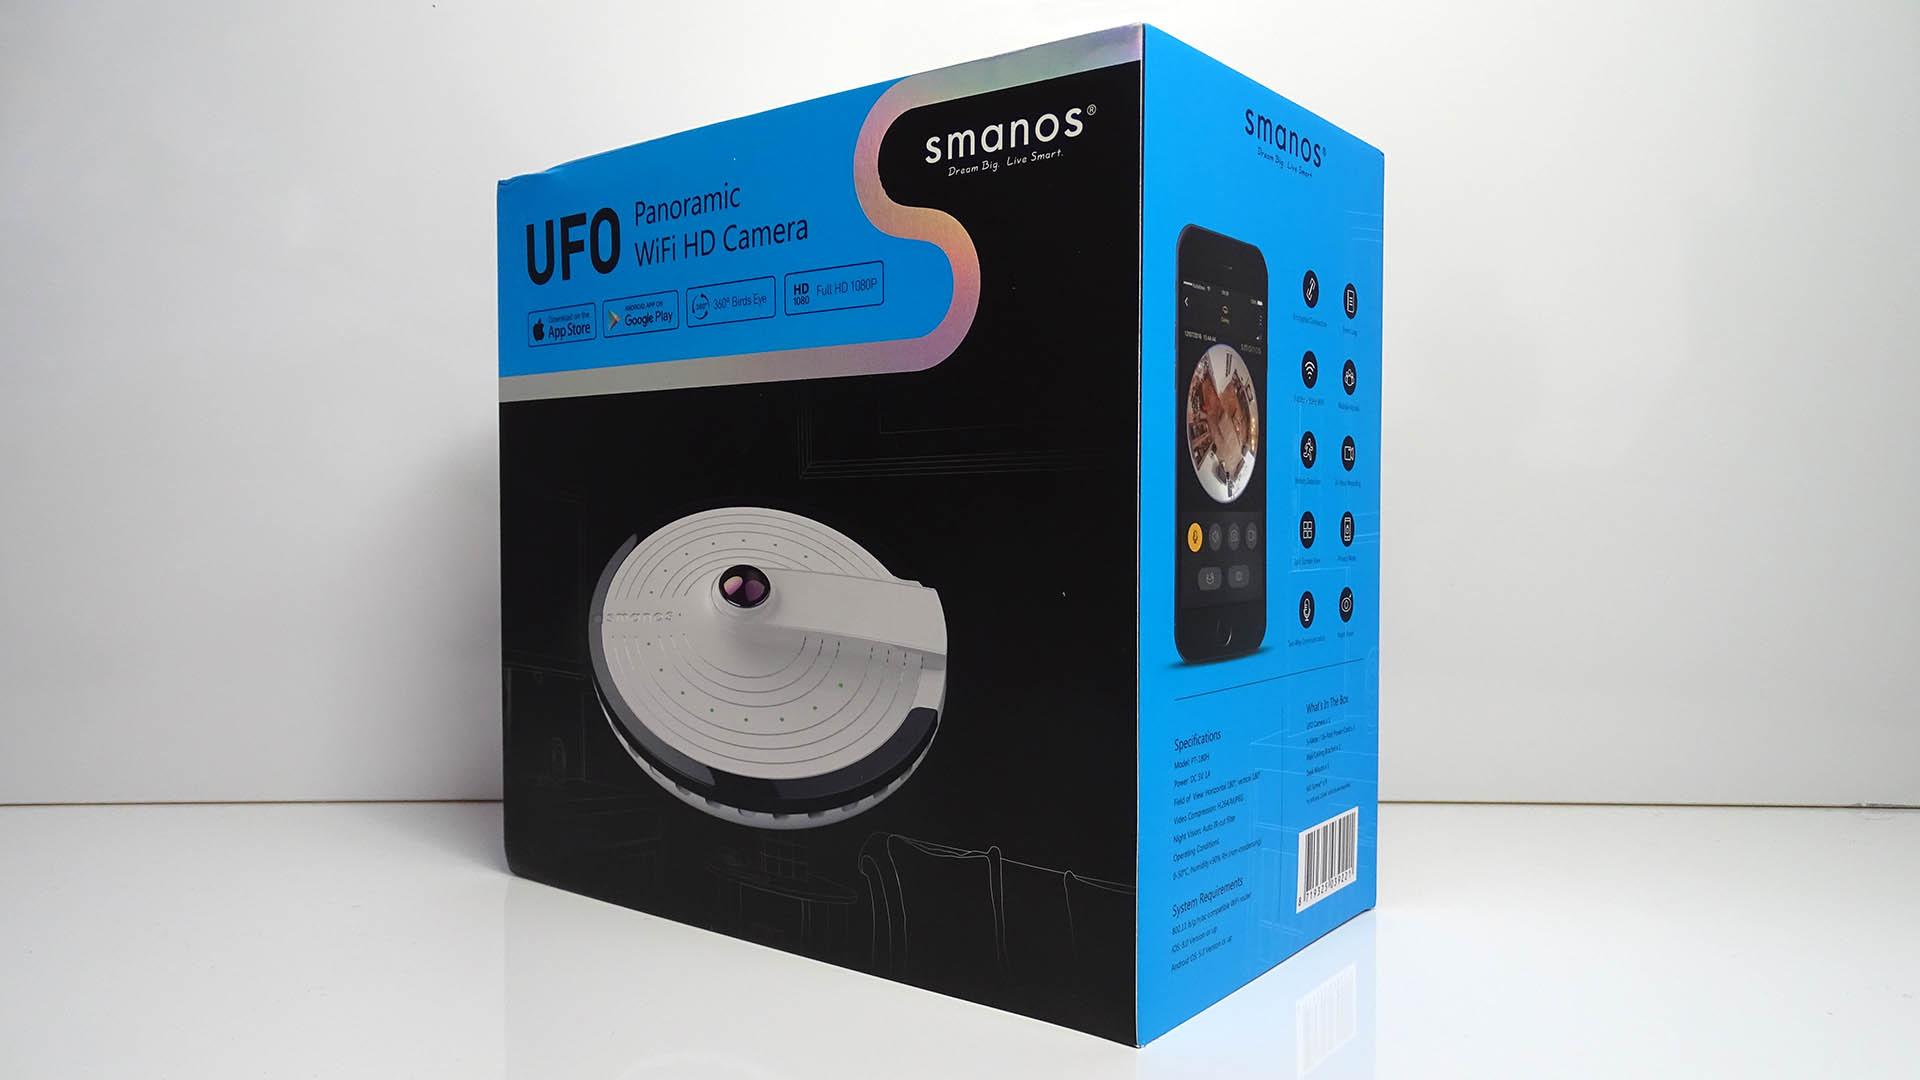 Caméra WiFi panoramique de Smanos